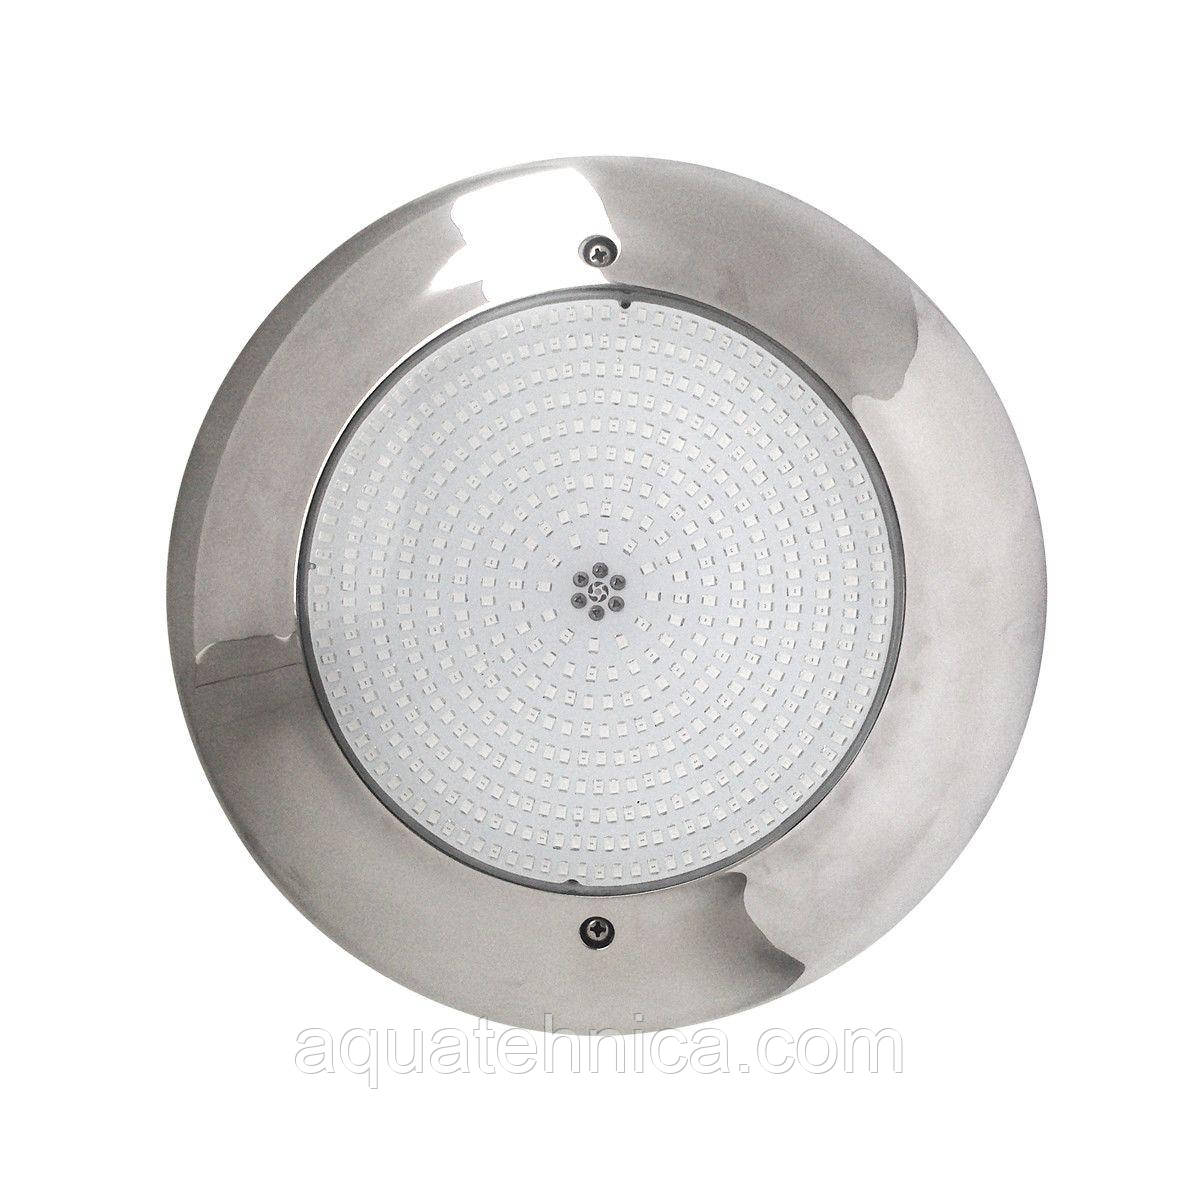 Прожектор для бассейна светодиодный Aquaviva HT201S 546LED  (33 Вт) RGB стальной